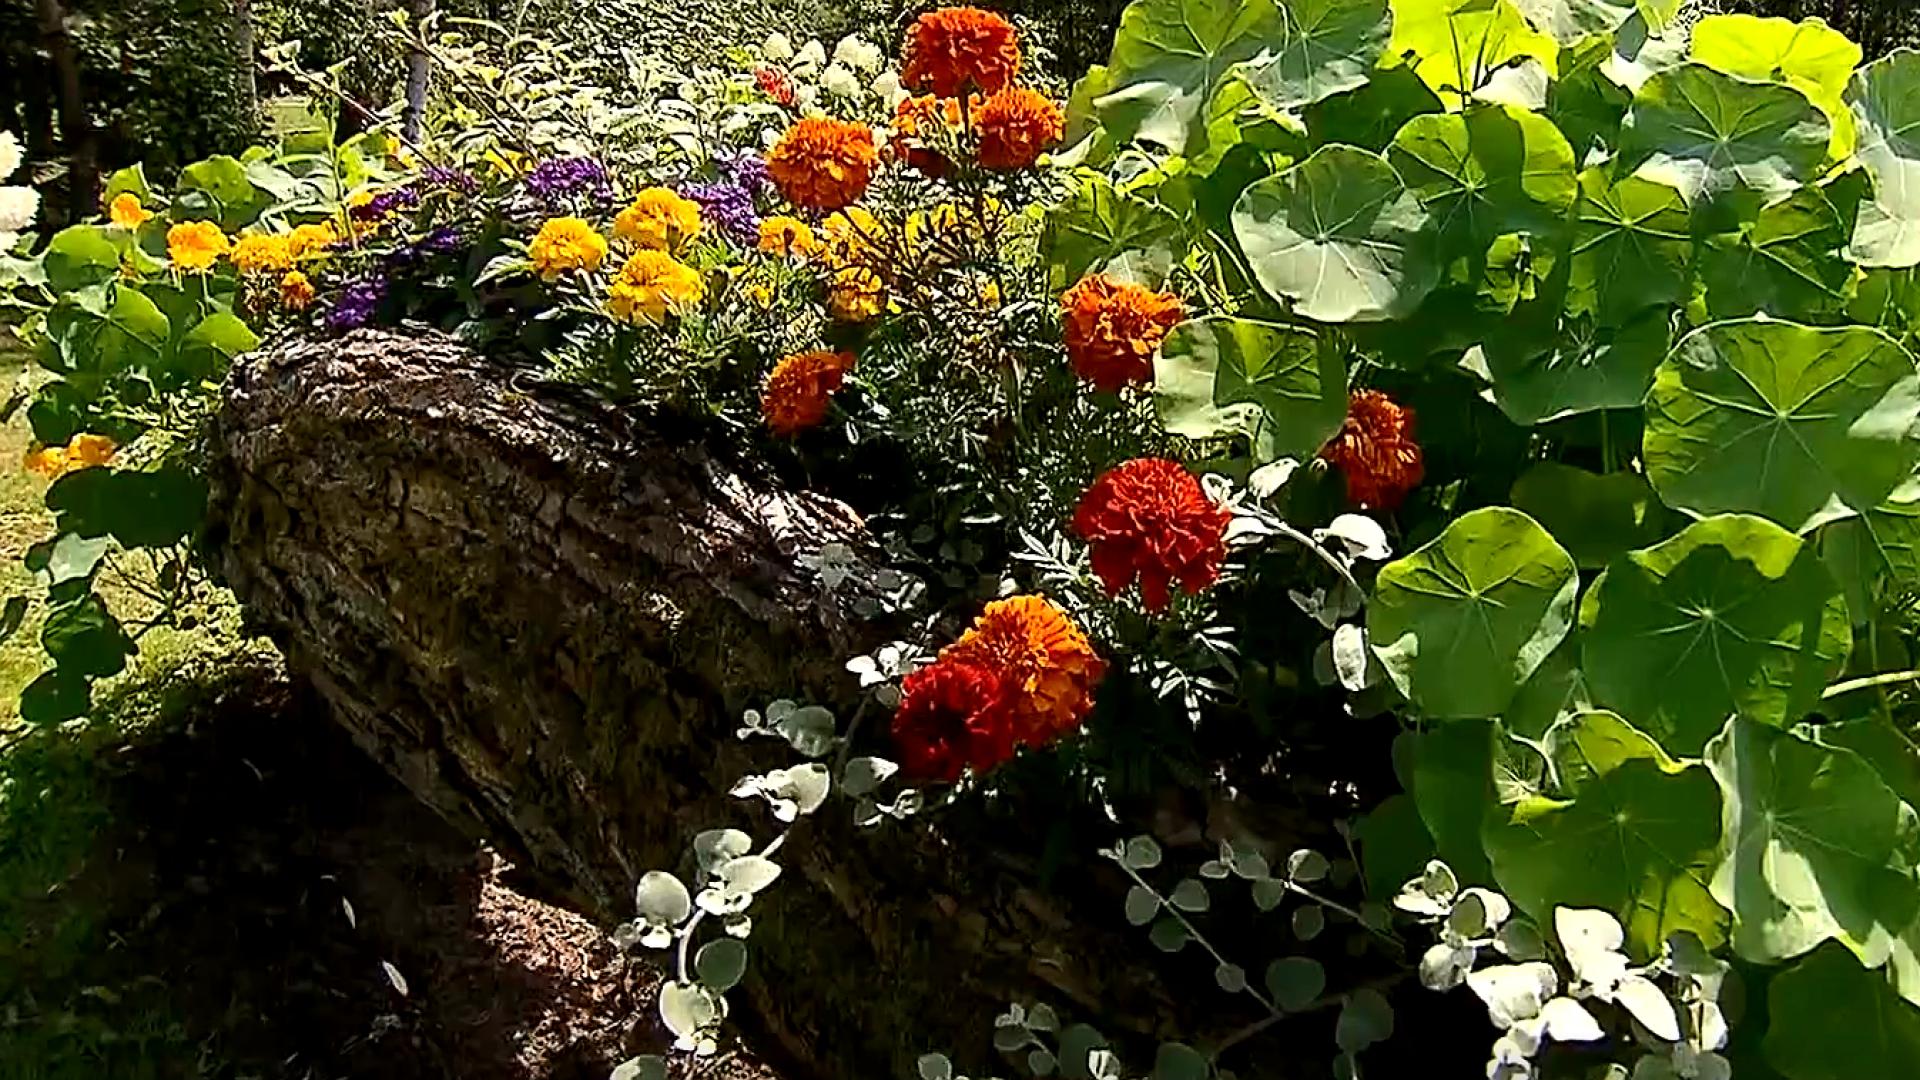 Rok w ogrodzie - extra, 16.11.2019